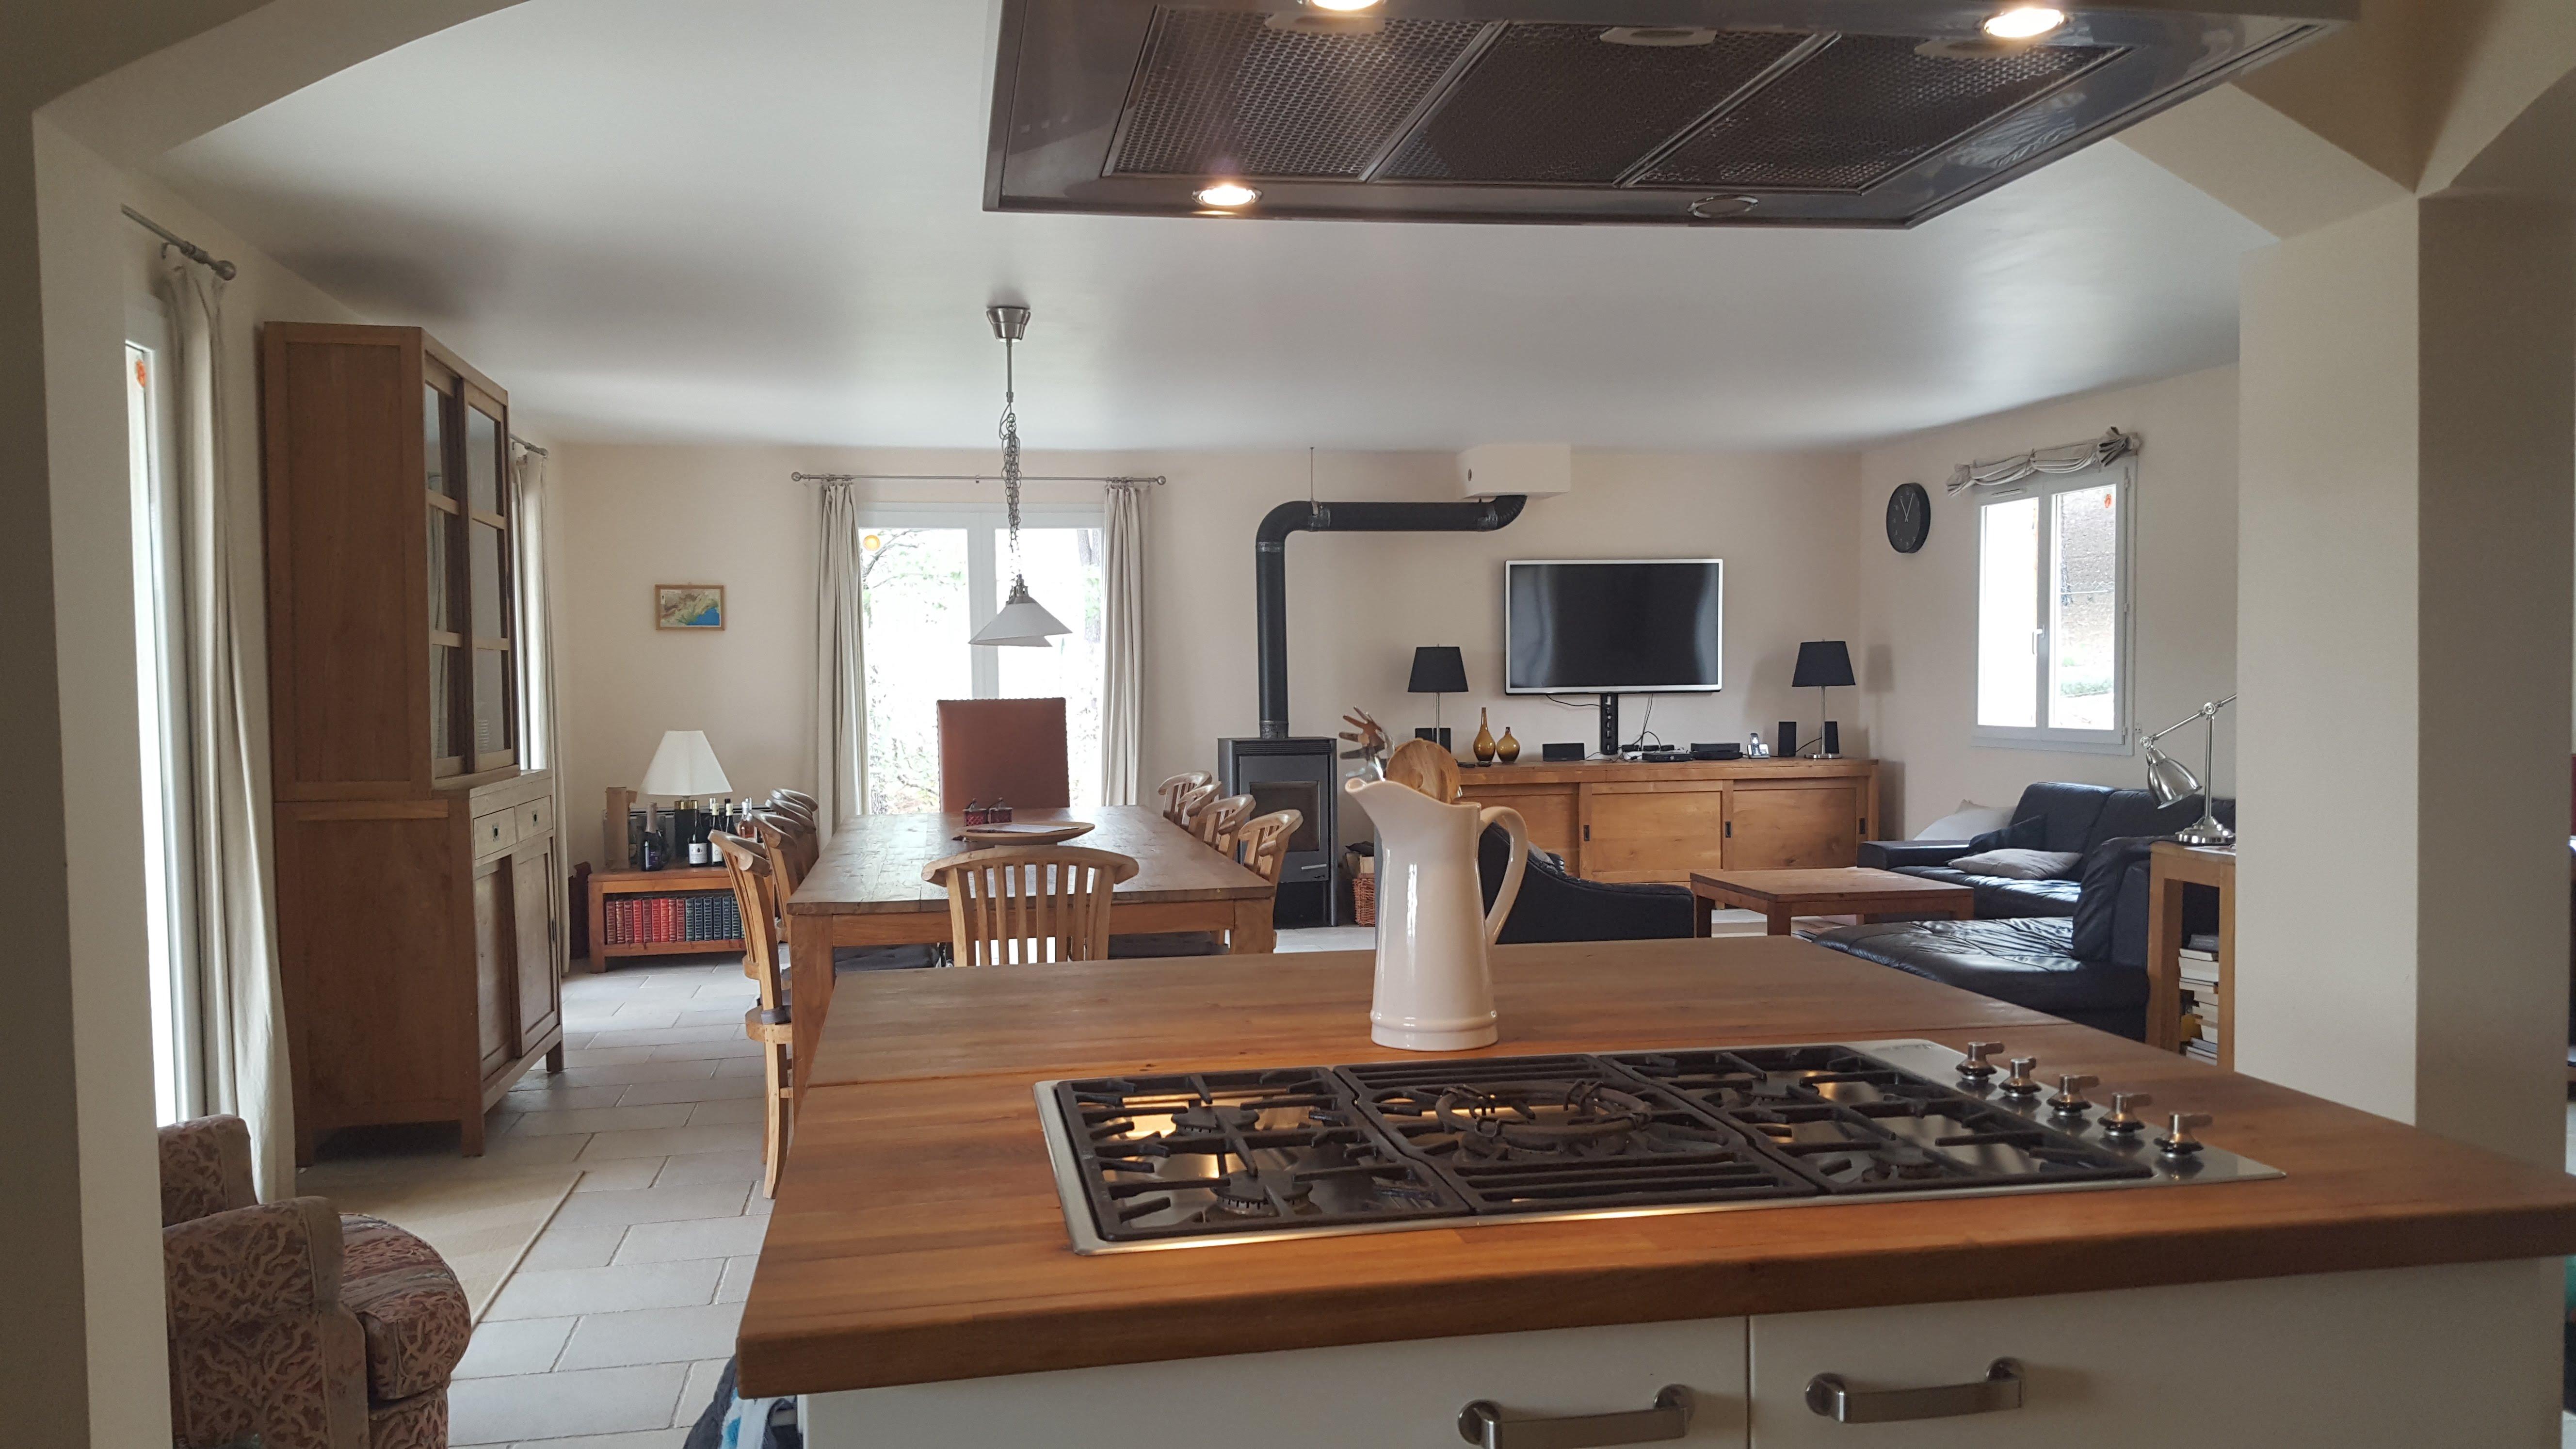 Vesenca-huiskamer-keuken-2